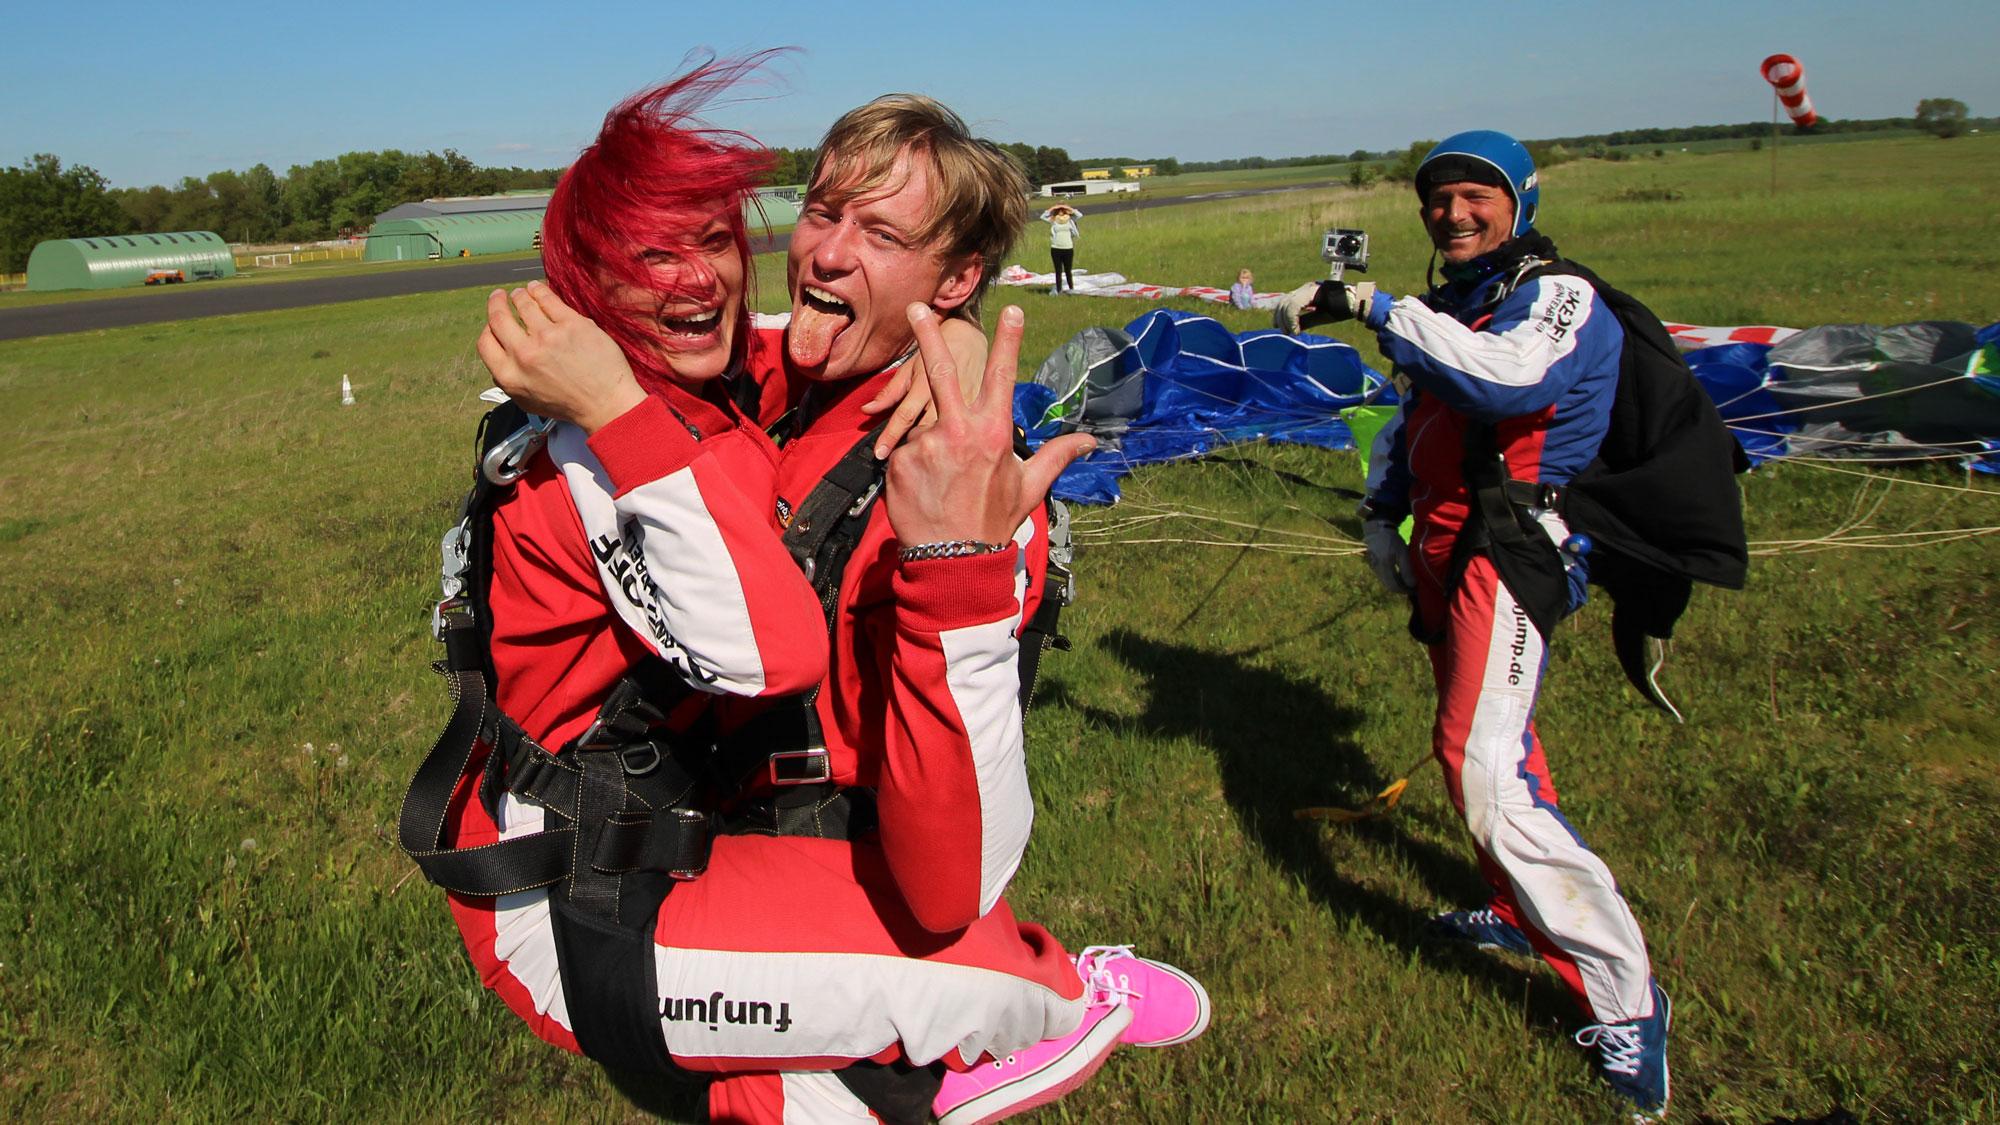 TAKE Off Berlin - Tandemspringen - Gäste-Paar posiert nach dem Sprung